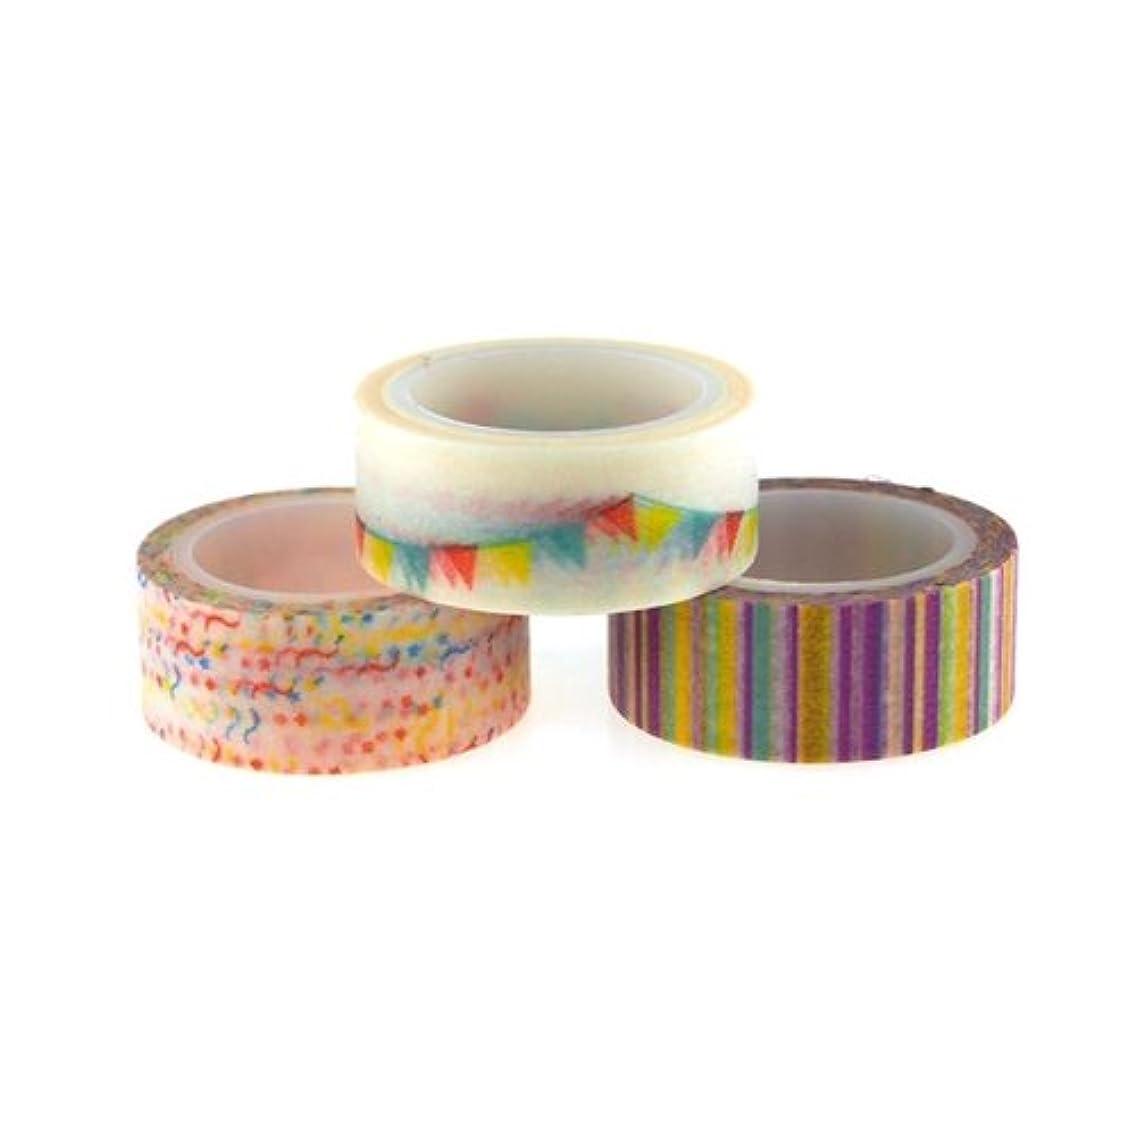 Homeford Firefly Imports Masking Washi Tape, 5/8-Inch, 5 Yards, 3-Pack, Celebration, 5/8